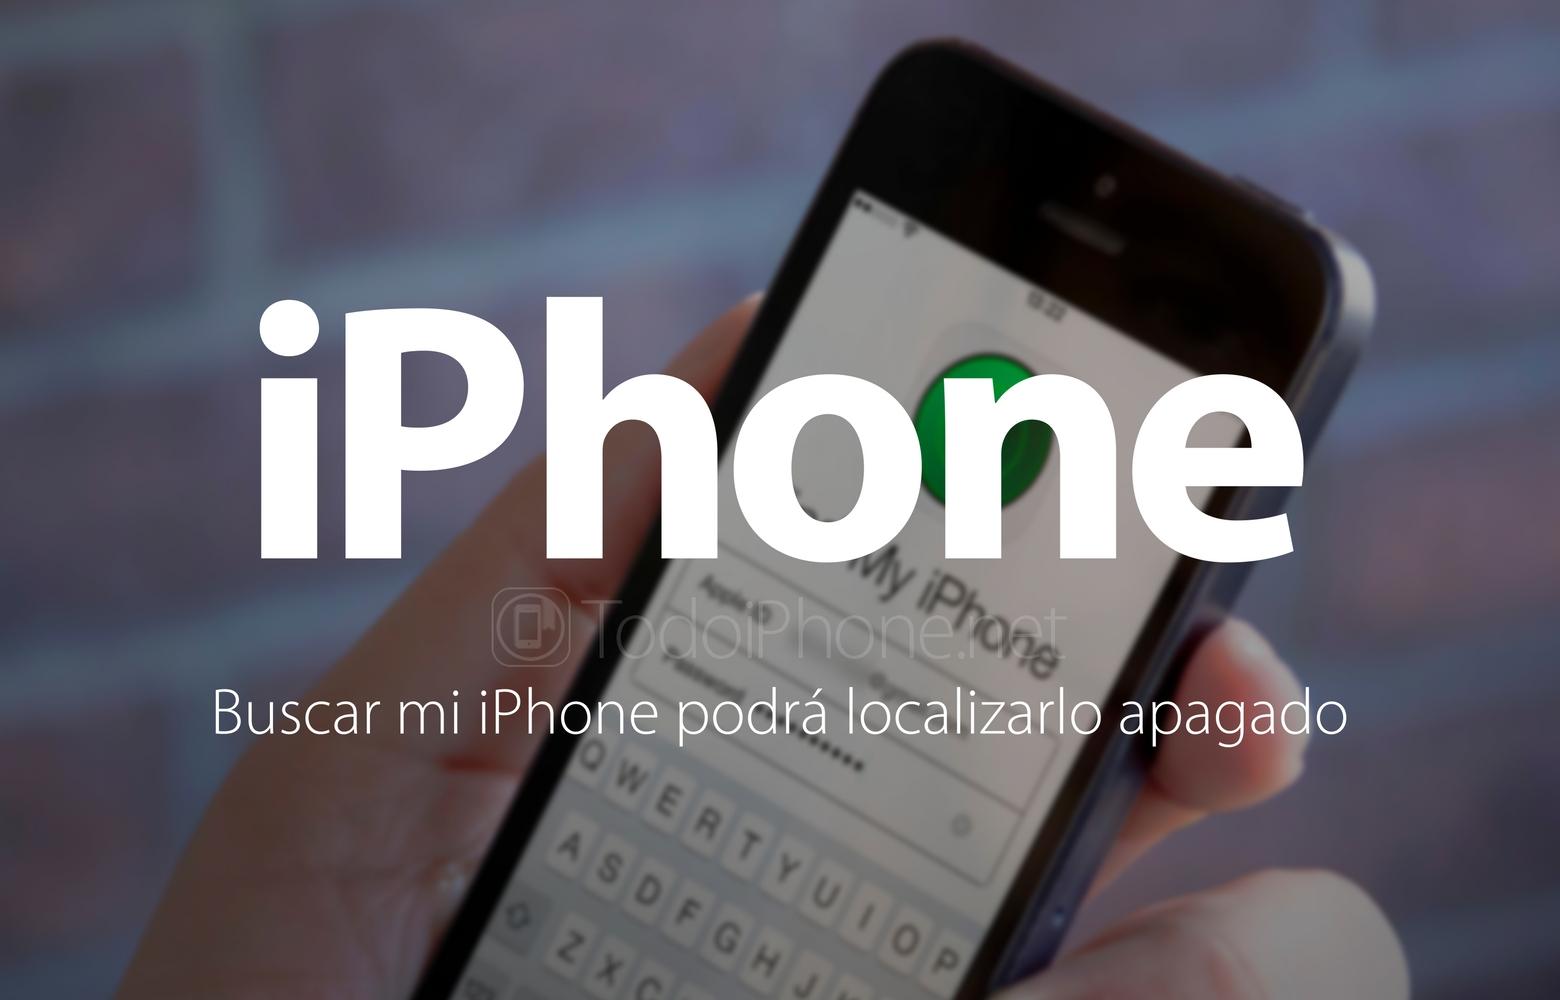 Cuanto te roben tu dispositivo, utiliza Buscar mi iPhone